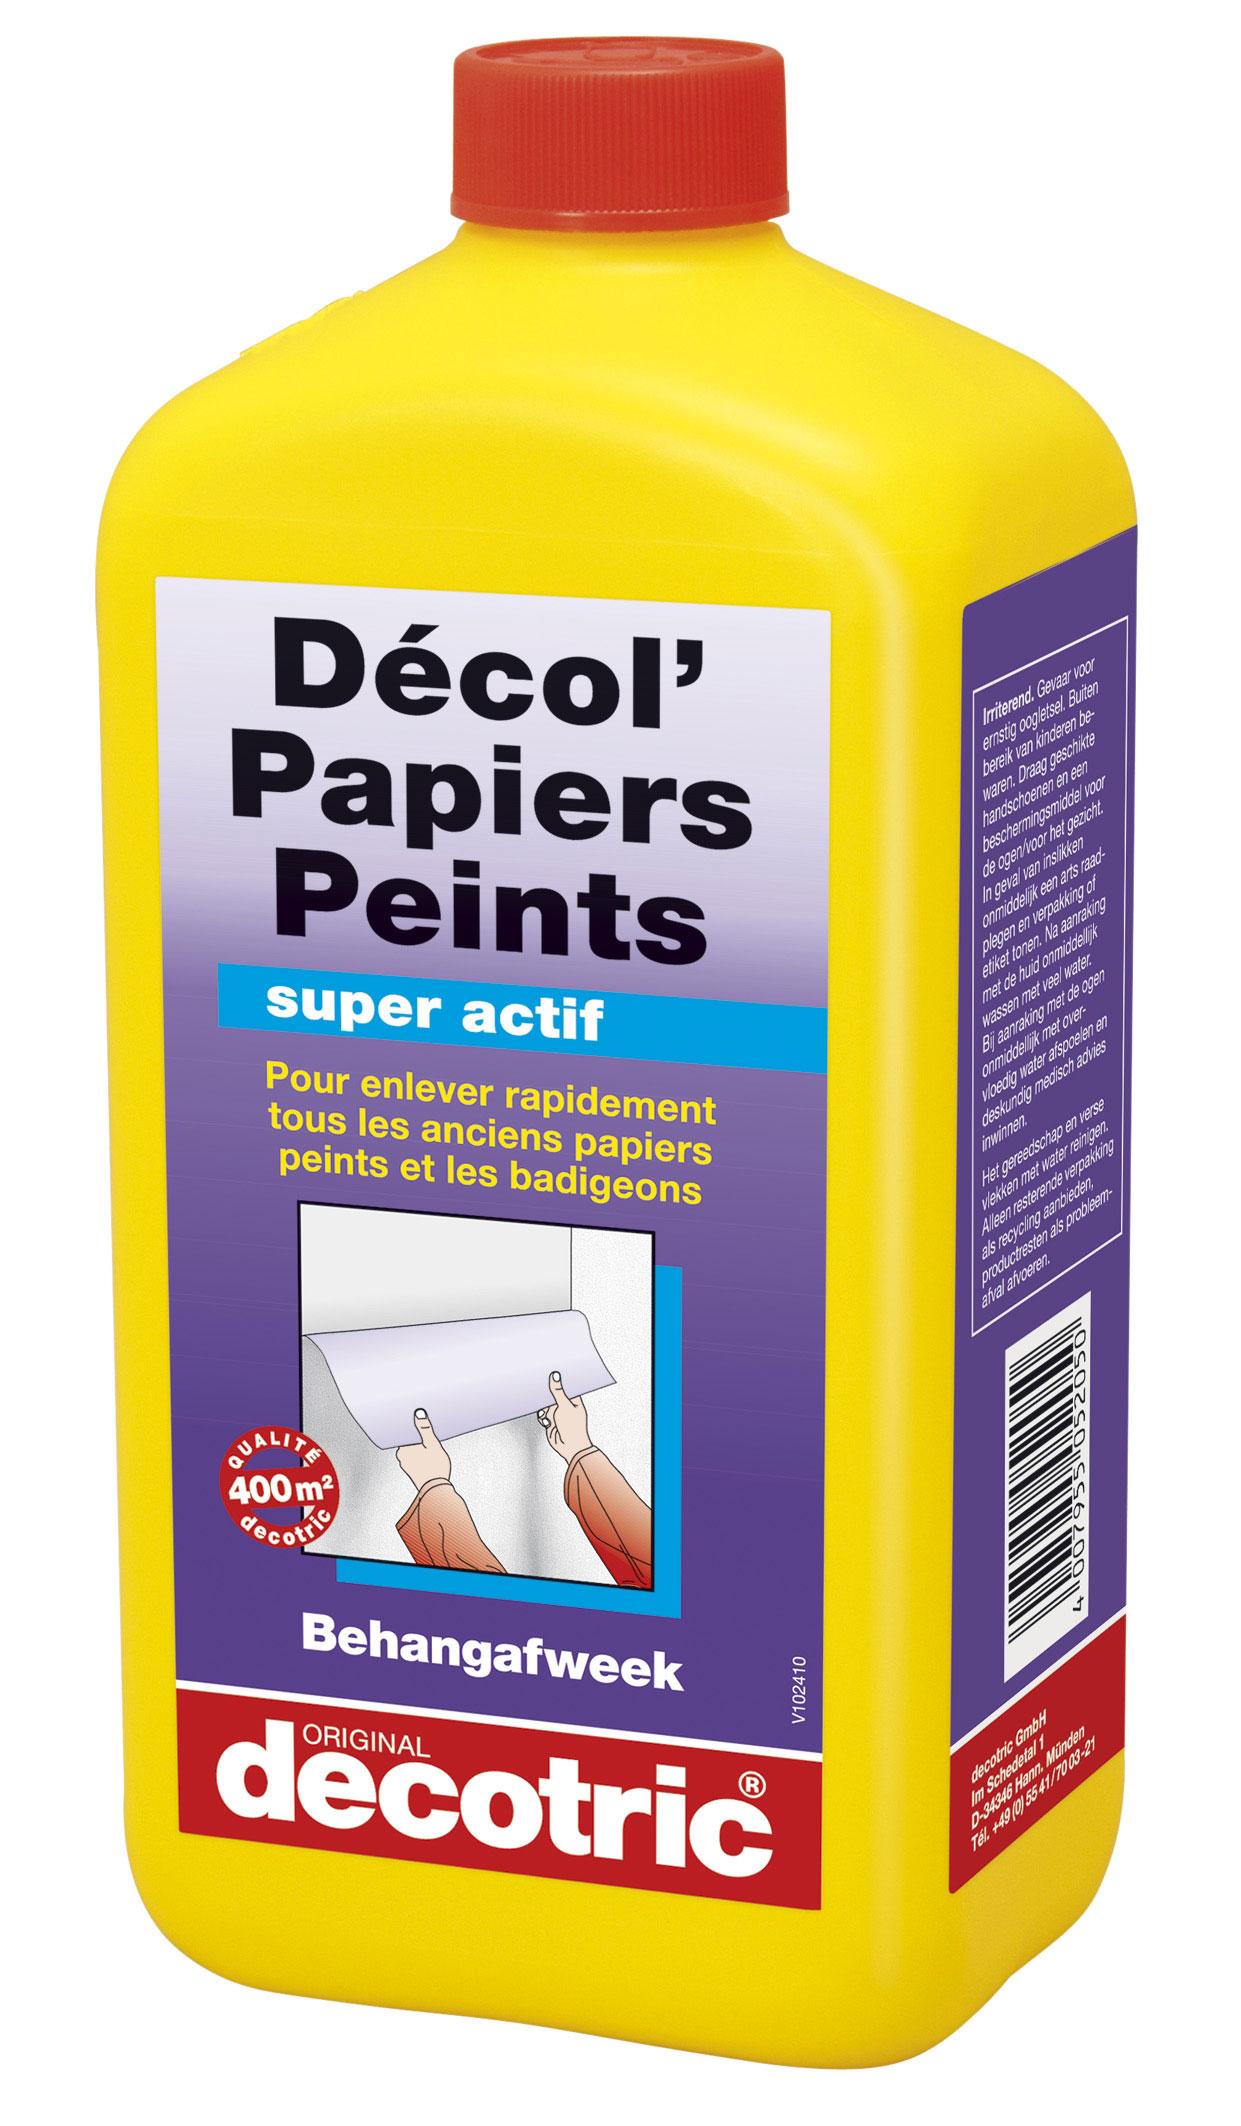 Décol' Papiers Peints (1L) : Décolle rapidement et efficacement tous les anciens papiers peints ...